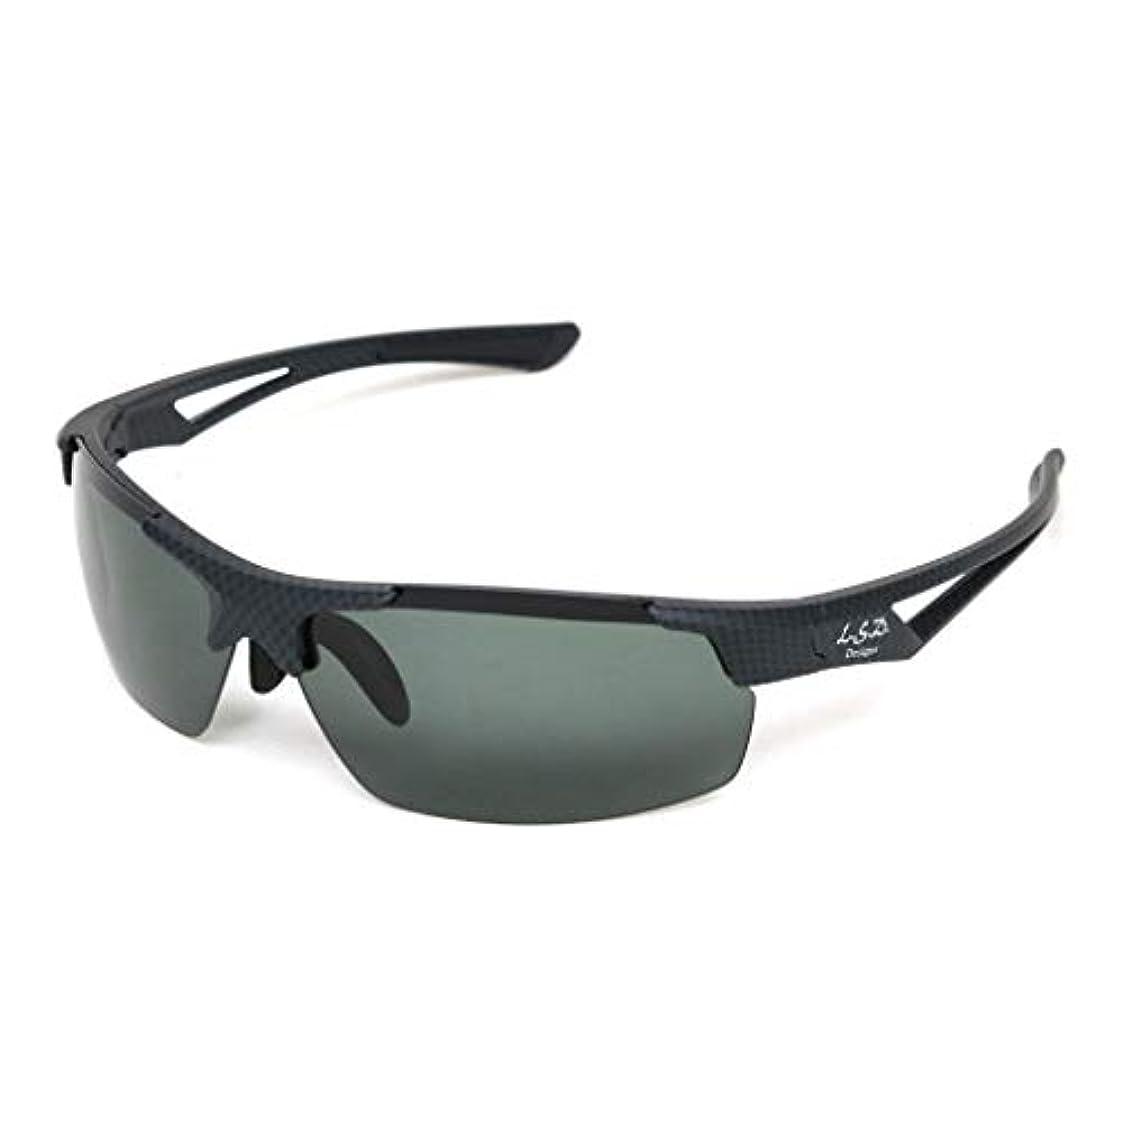 海嶺スーパー内訳L.S.D.Designs ネオウイング エクストラエッジ 偏光グラス サングラス UVカット率99.9% 釣り ドライブ